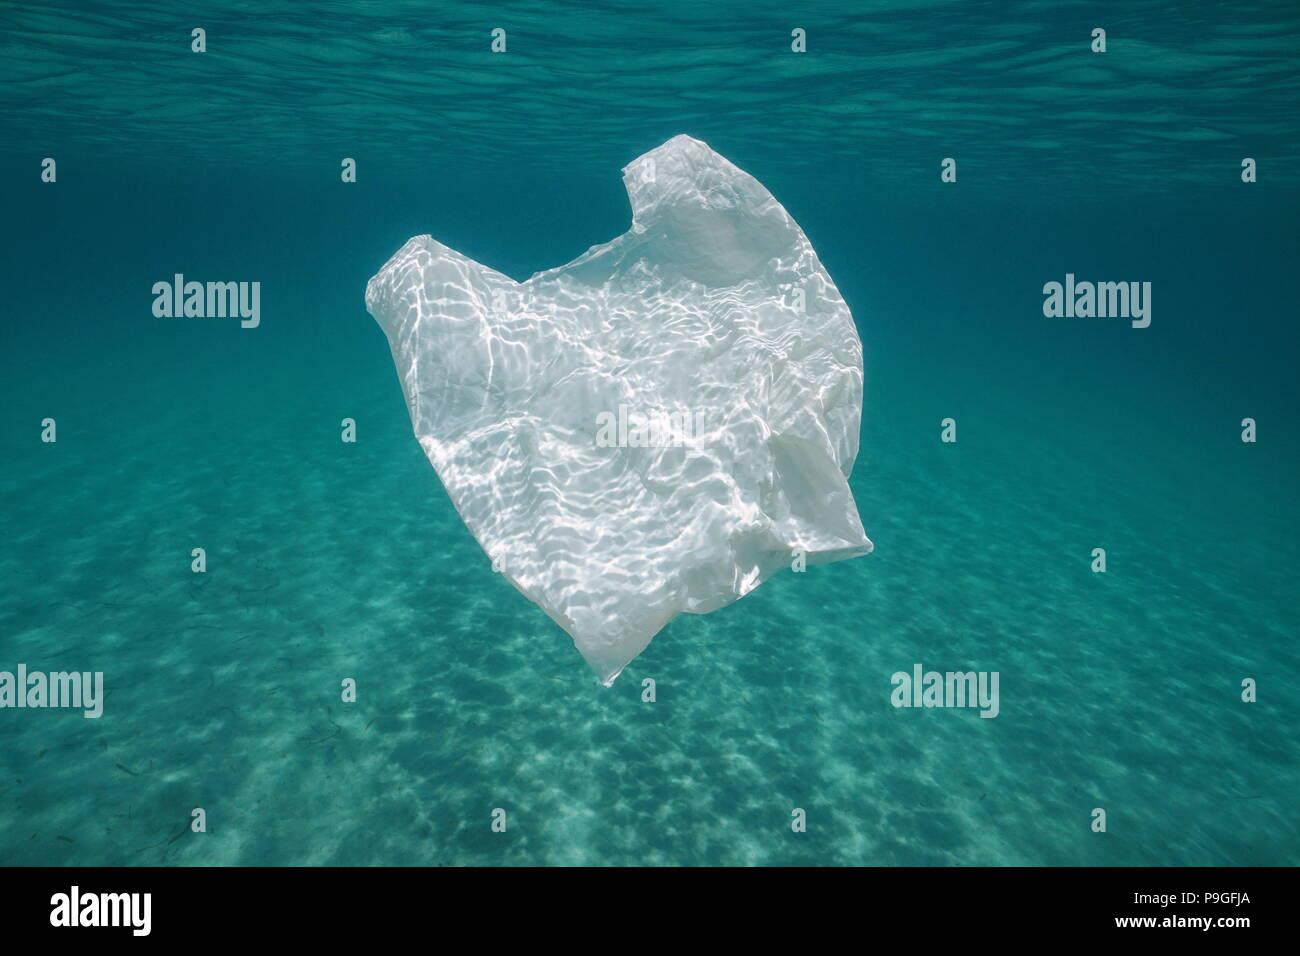 La pollution sous-marine un sac en plastique dans la mer, entre la surface de l'eau et une plage de sable fin de la Méditerranée, des fonds marins, Almeria, Andalousie, Espagne Banque D'Images